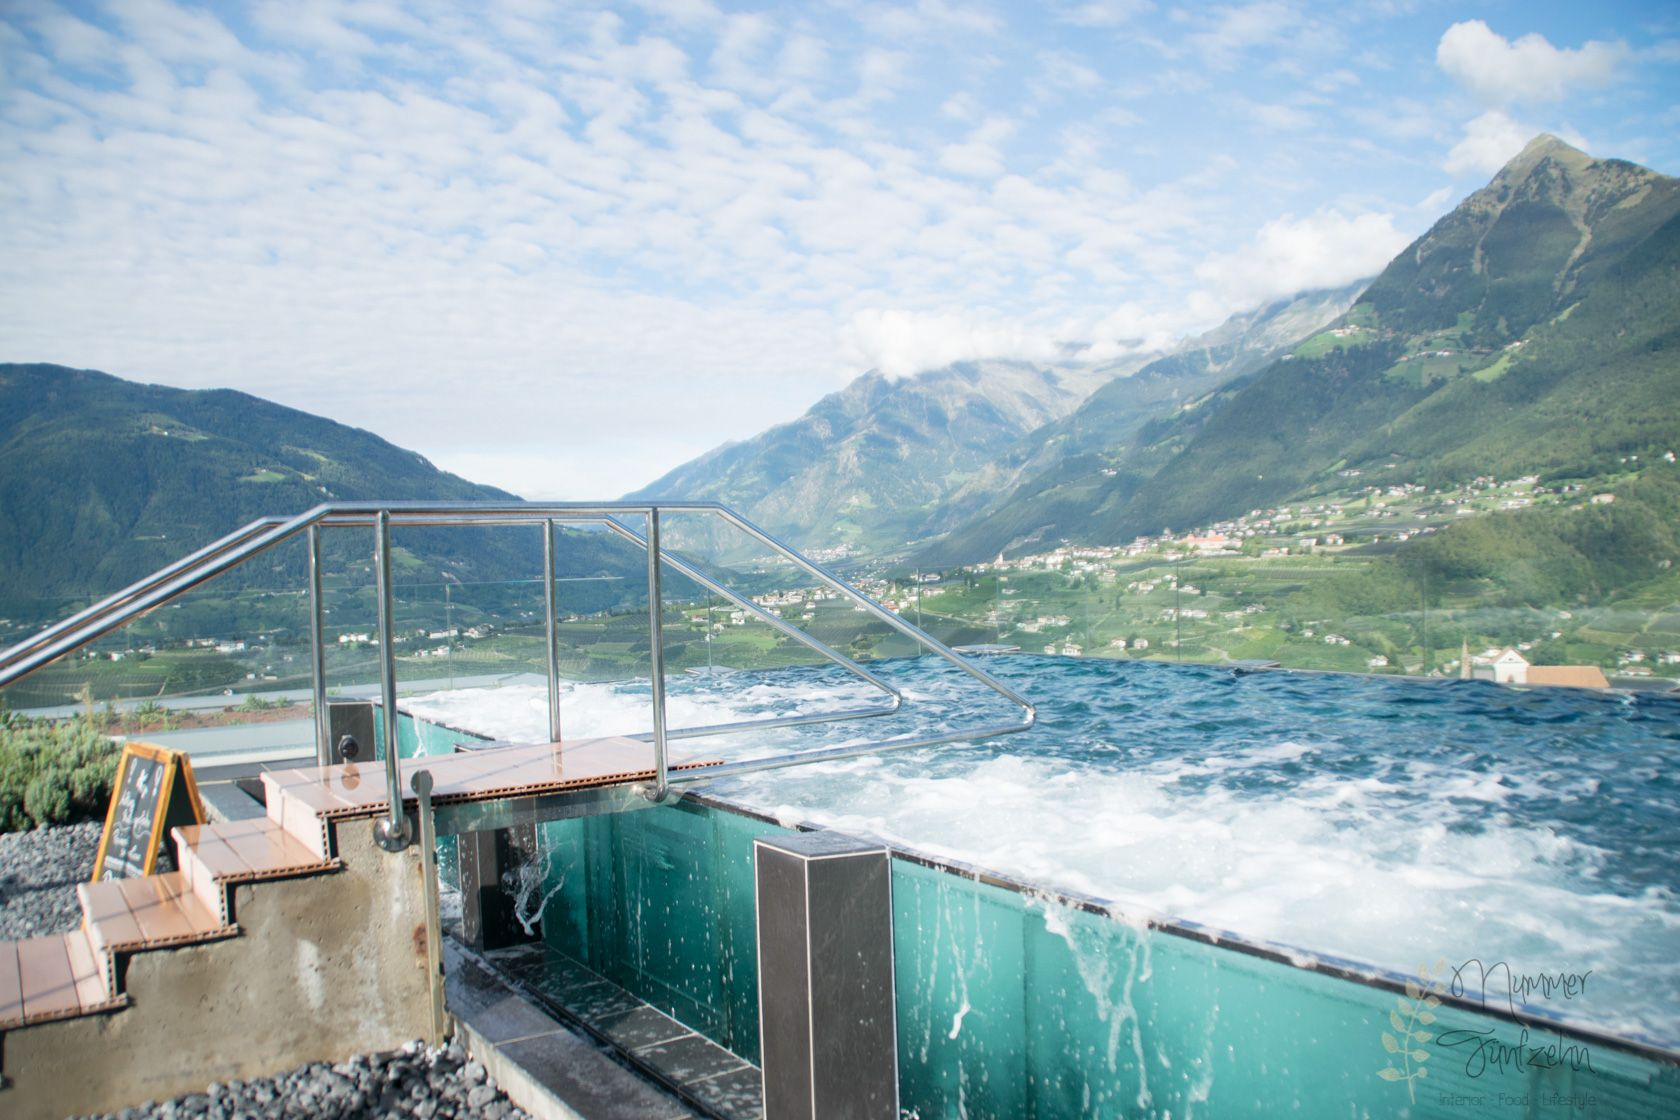 Hotel Hohenwart/Südtirol http://nummerfuenfzehn.com/wp-content/uploads/2015/10/Nummer%20Fuenfzehn_Lifestyleblog%20aus%20Muenchen_Interiorblog%20aus%20Muenchen_Foodblog%20aus%20Muenchen_Suedtirol_Hotel%20Hohenwart.jpg